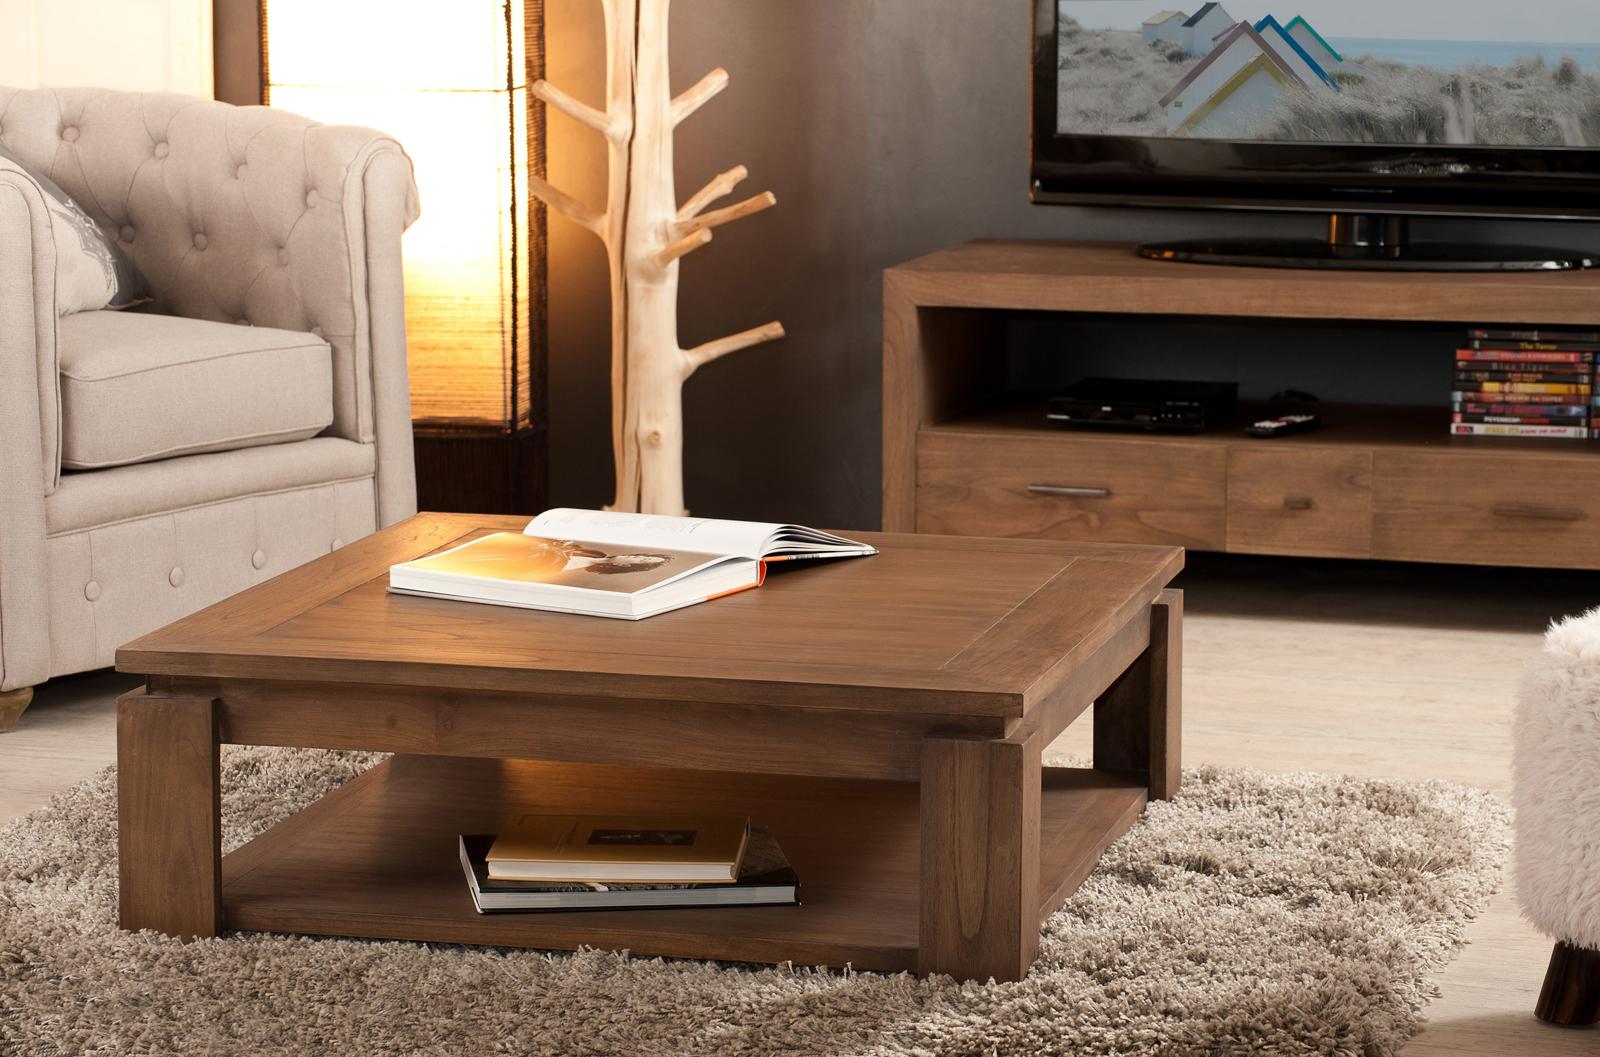 Grande Table Basse Bois table basse carrée bois exotique louna